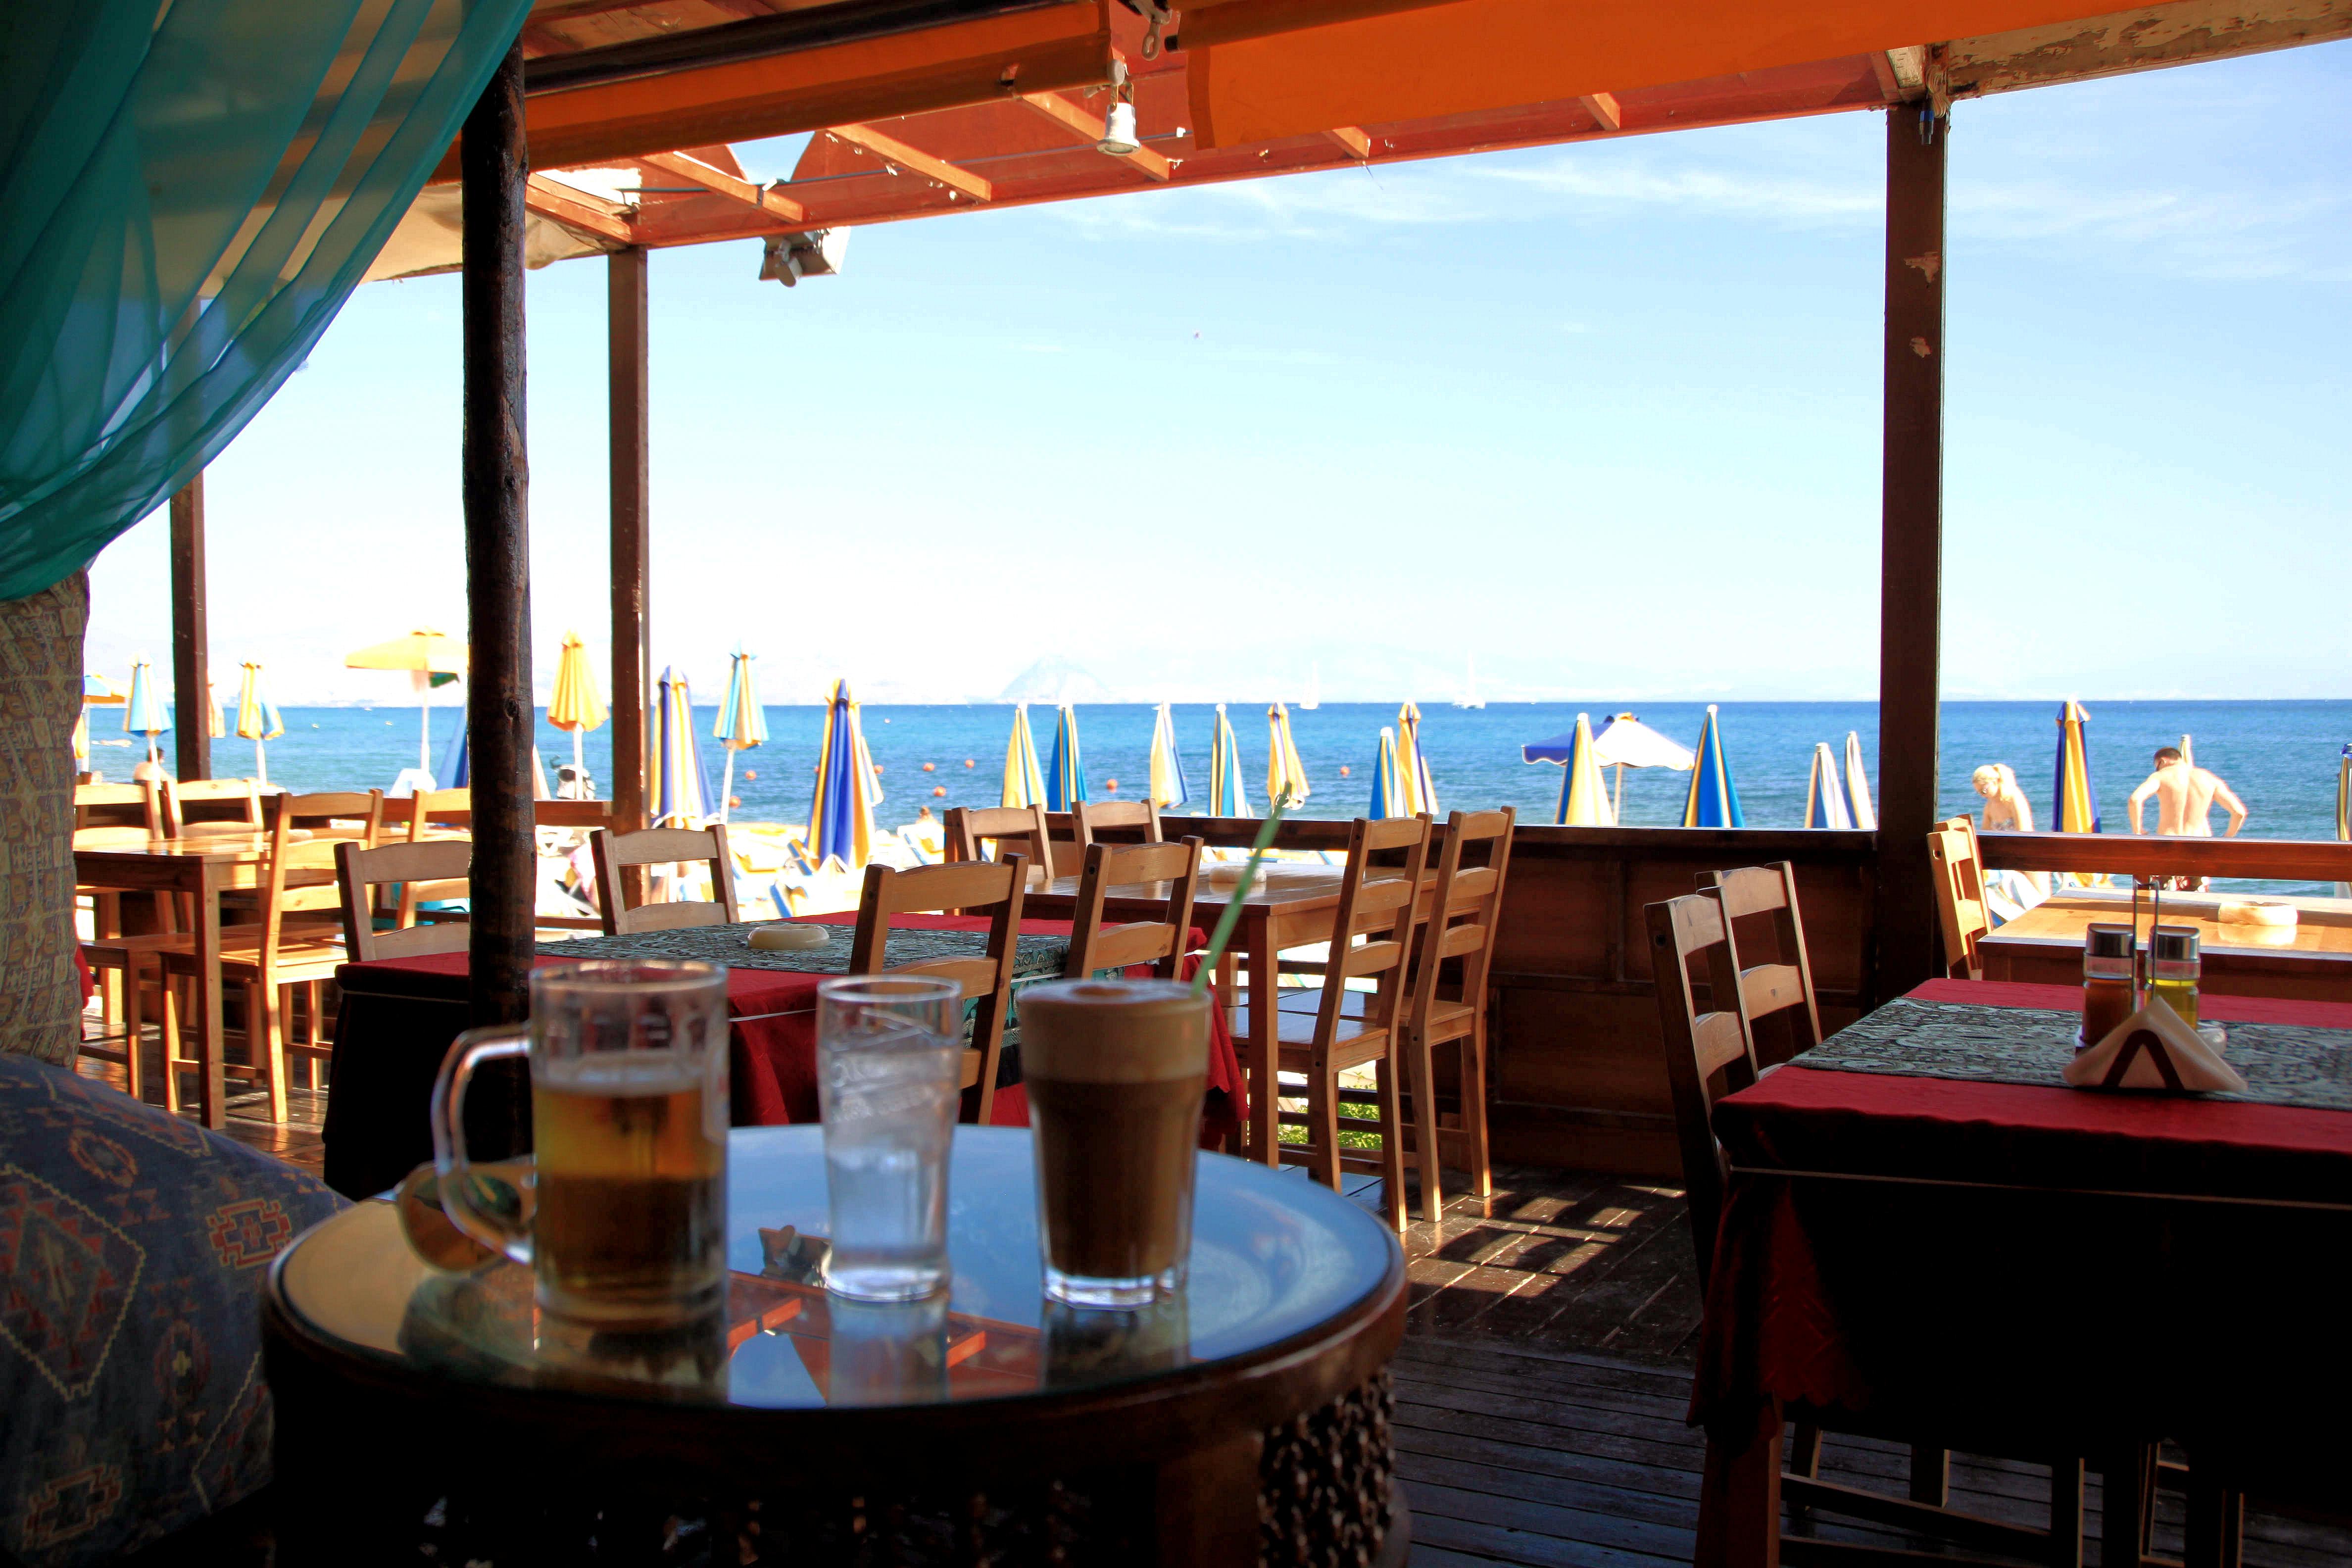 Kosin rannoilta löytyy ihania rantabaareja, joissa voi rentoutua.